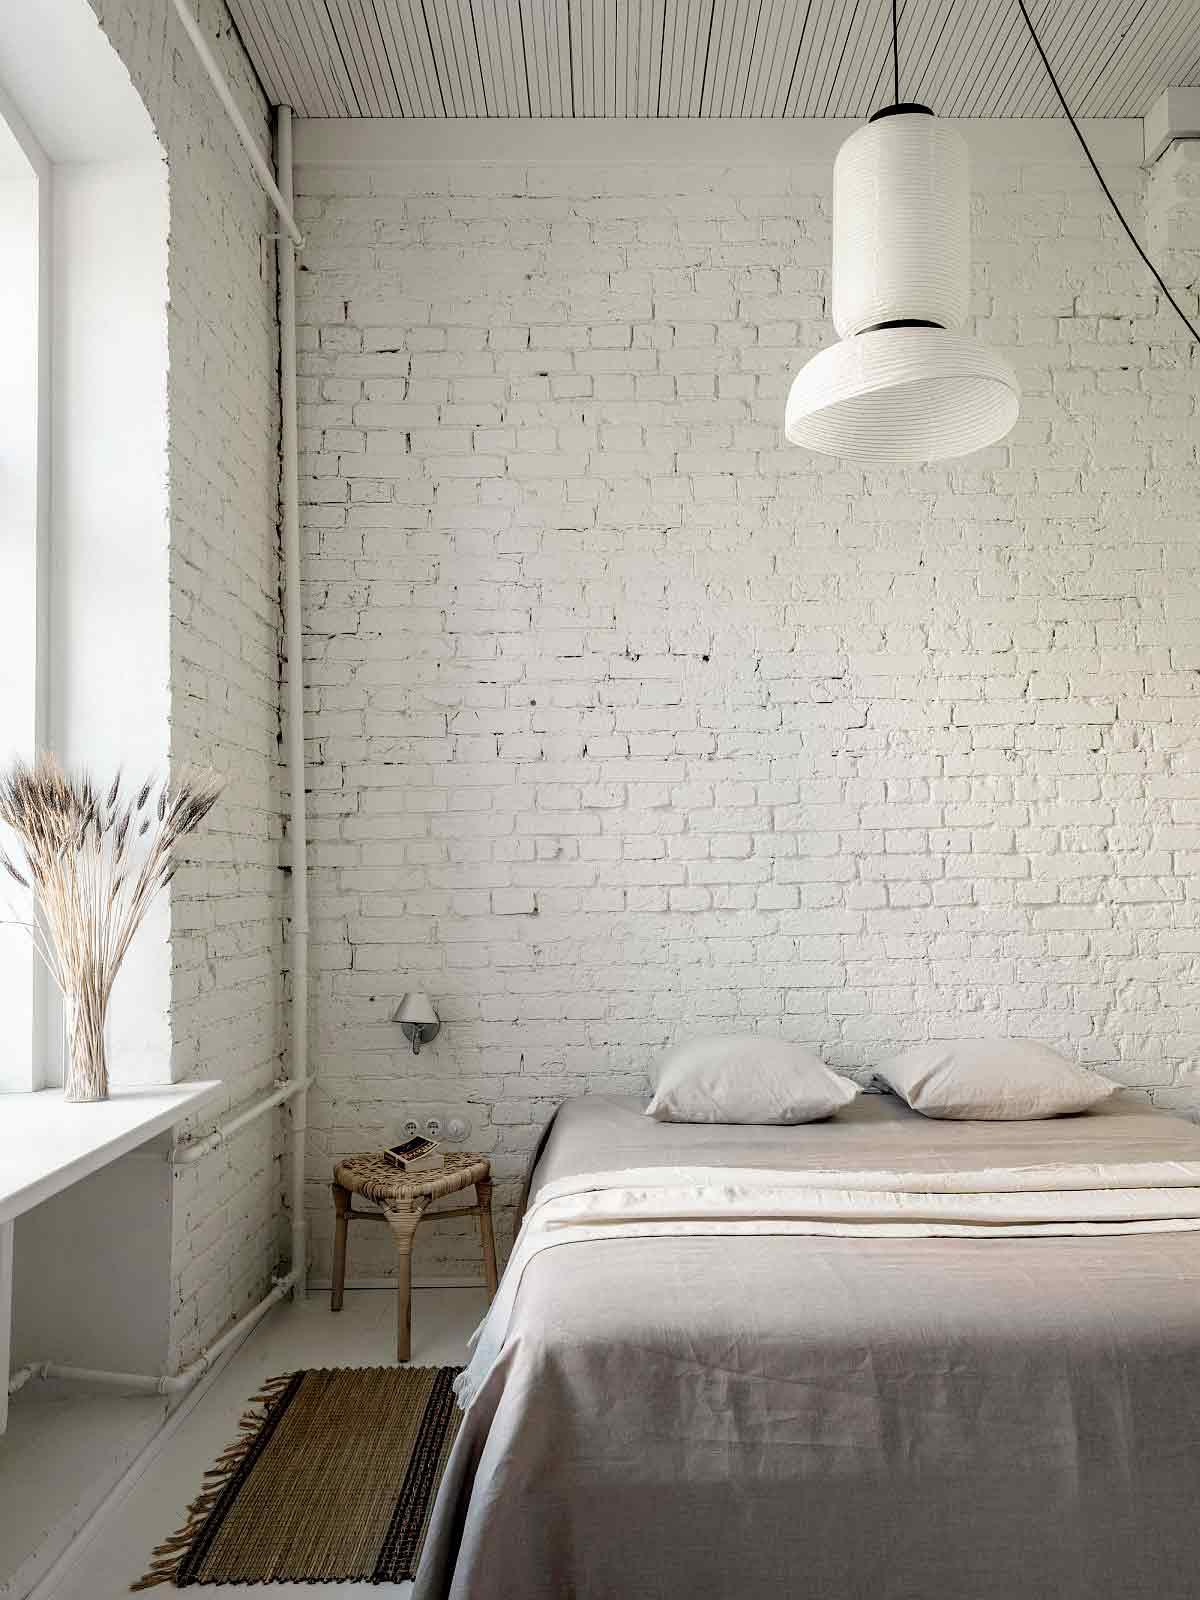 Desain interior kamar tidur apartemen di Moskow karya Buro5, via decoist.com